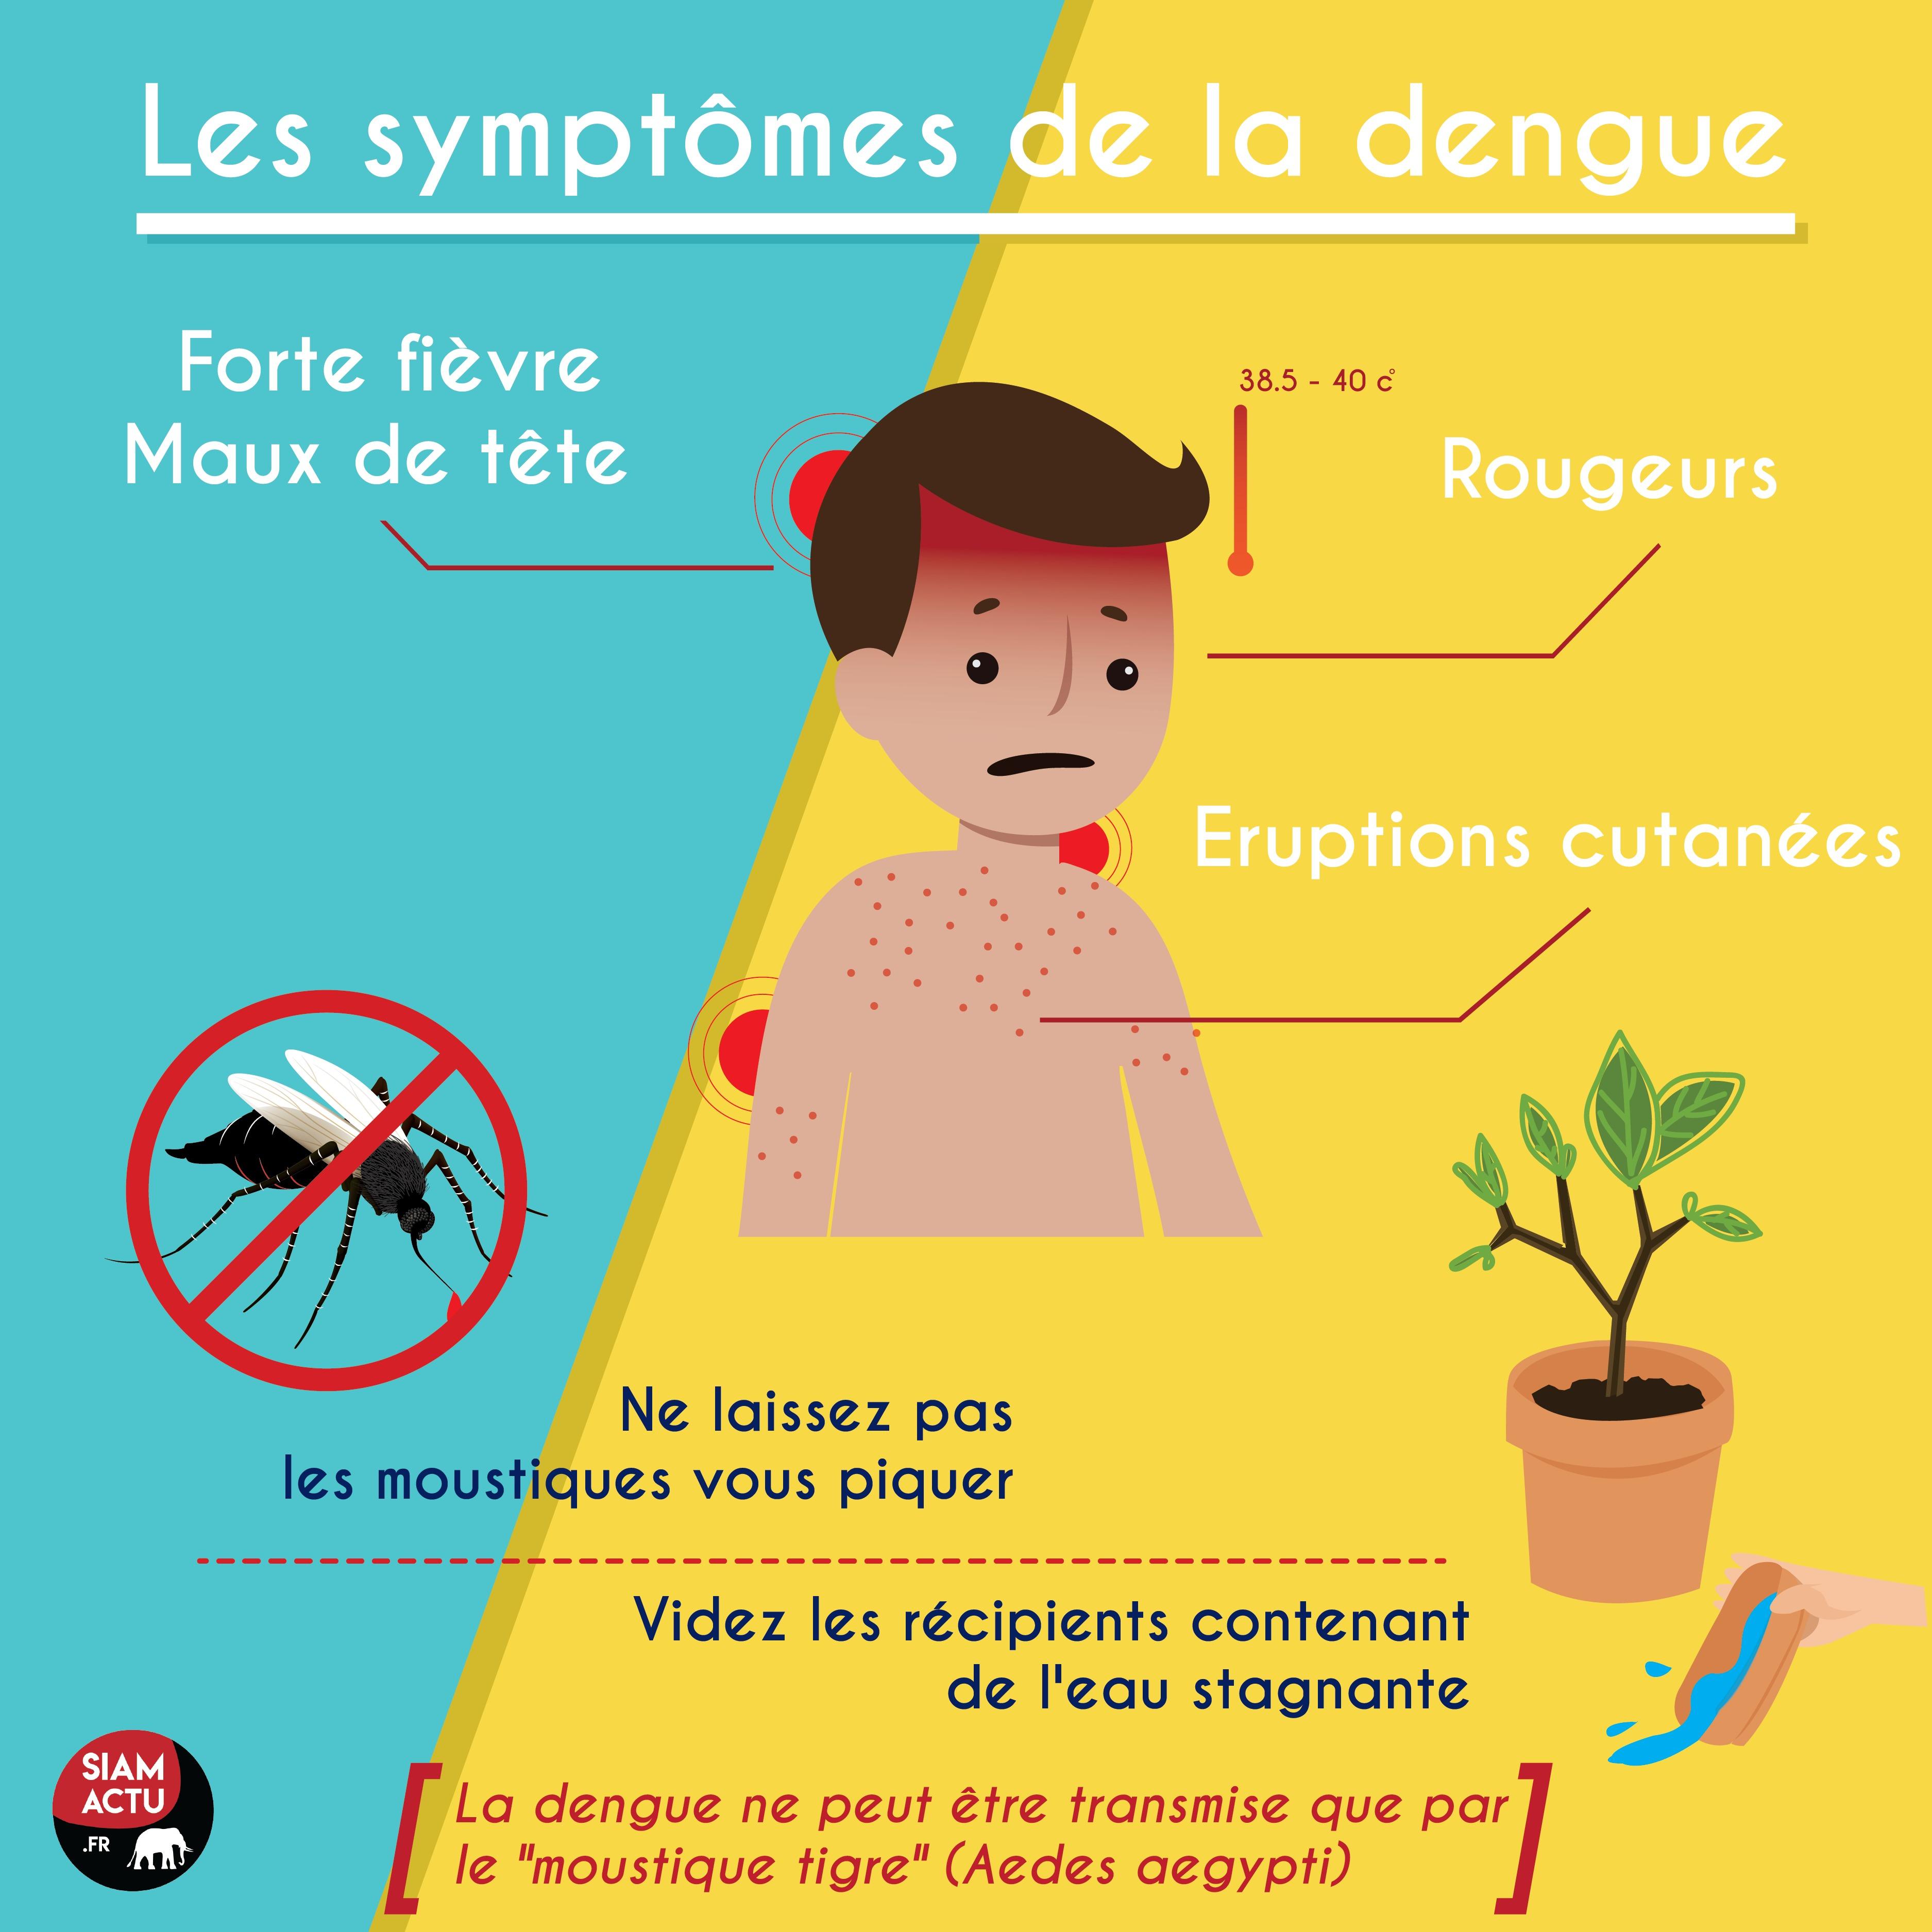 Les symptômes de la dengue